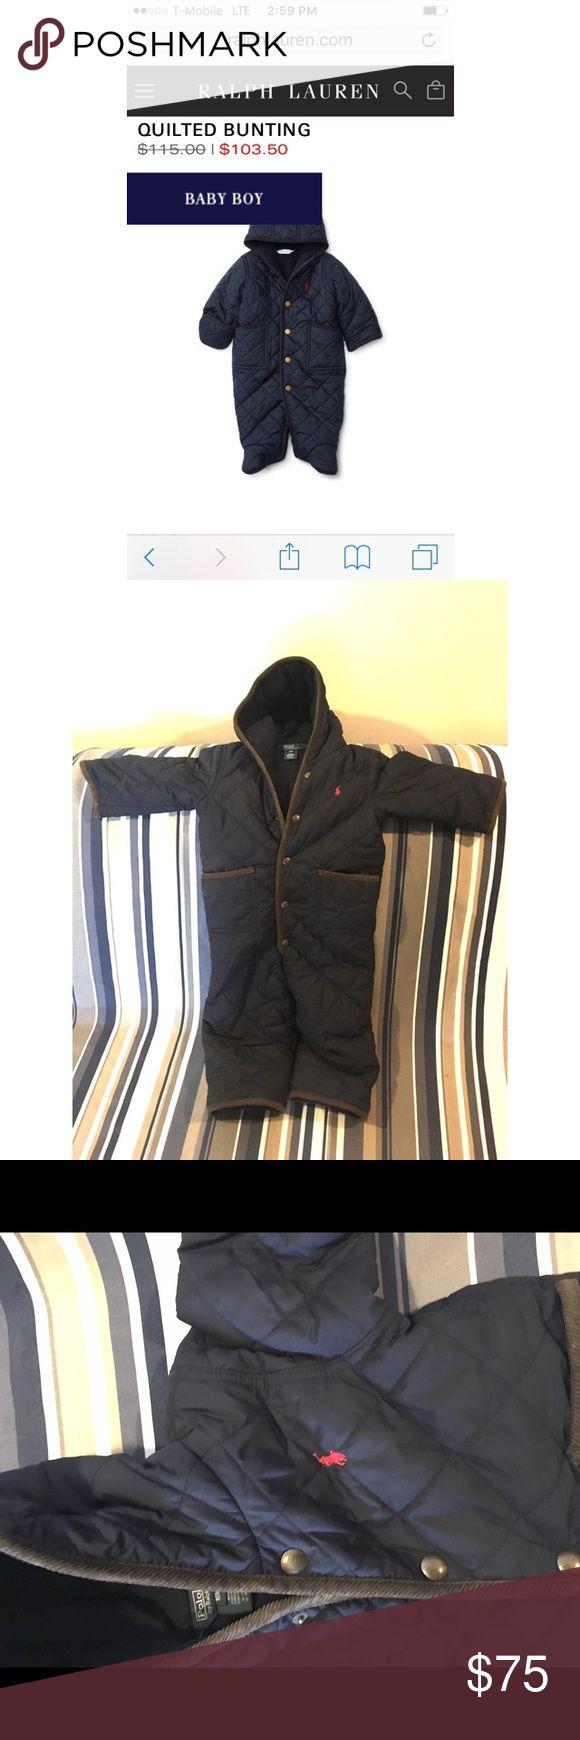 Ralph Lauren Baby Boy (18 months) Quilted Bunting Navy Blue Ralph Lauren Coat 18 months. Worn a handful of times Ralph Lauren Jackets & Coats Puffers